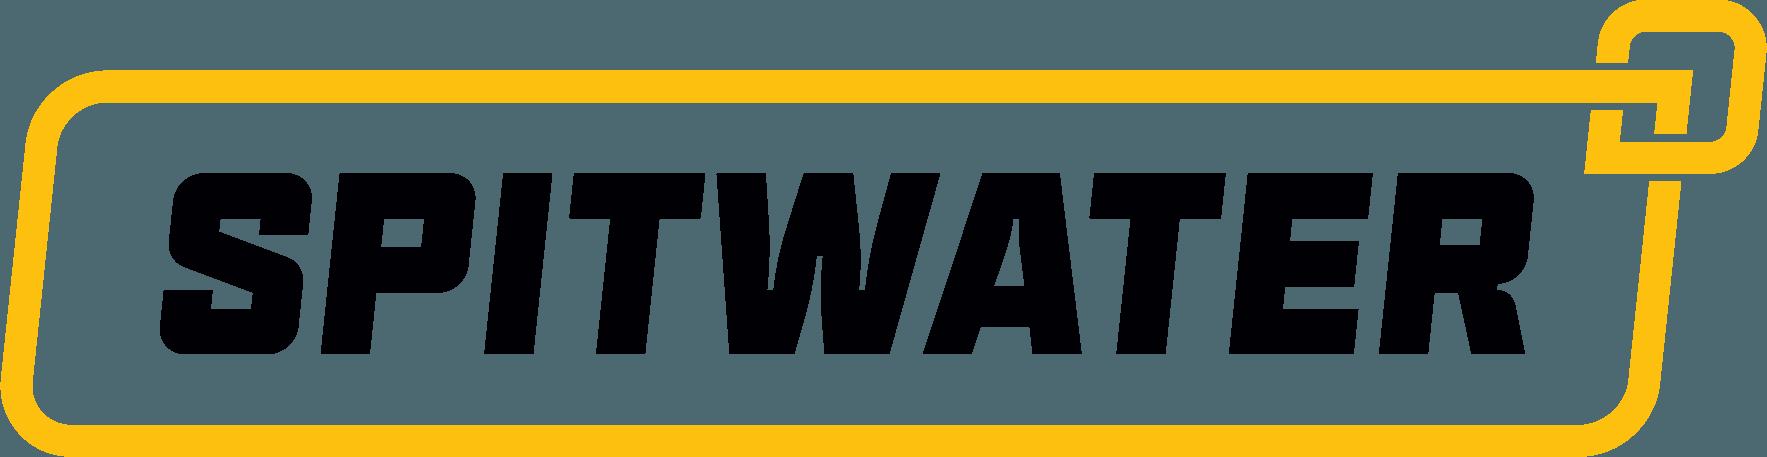 Best Pressure Washers   Heater & Vacuum Australia-Spitwater